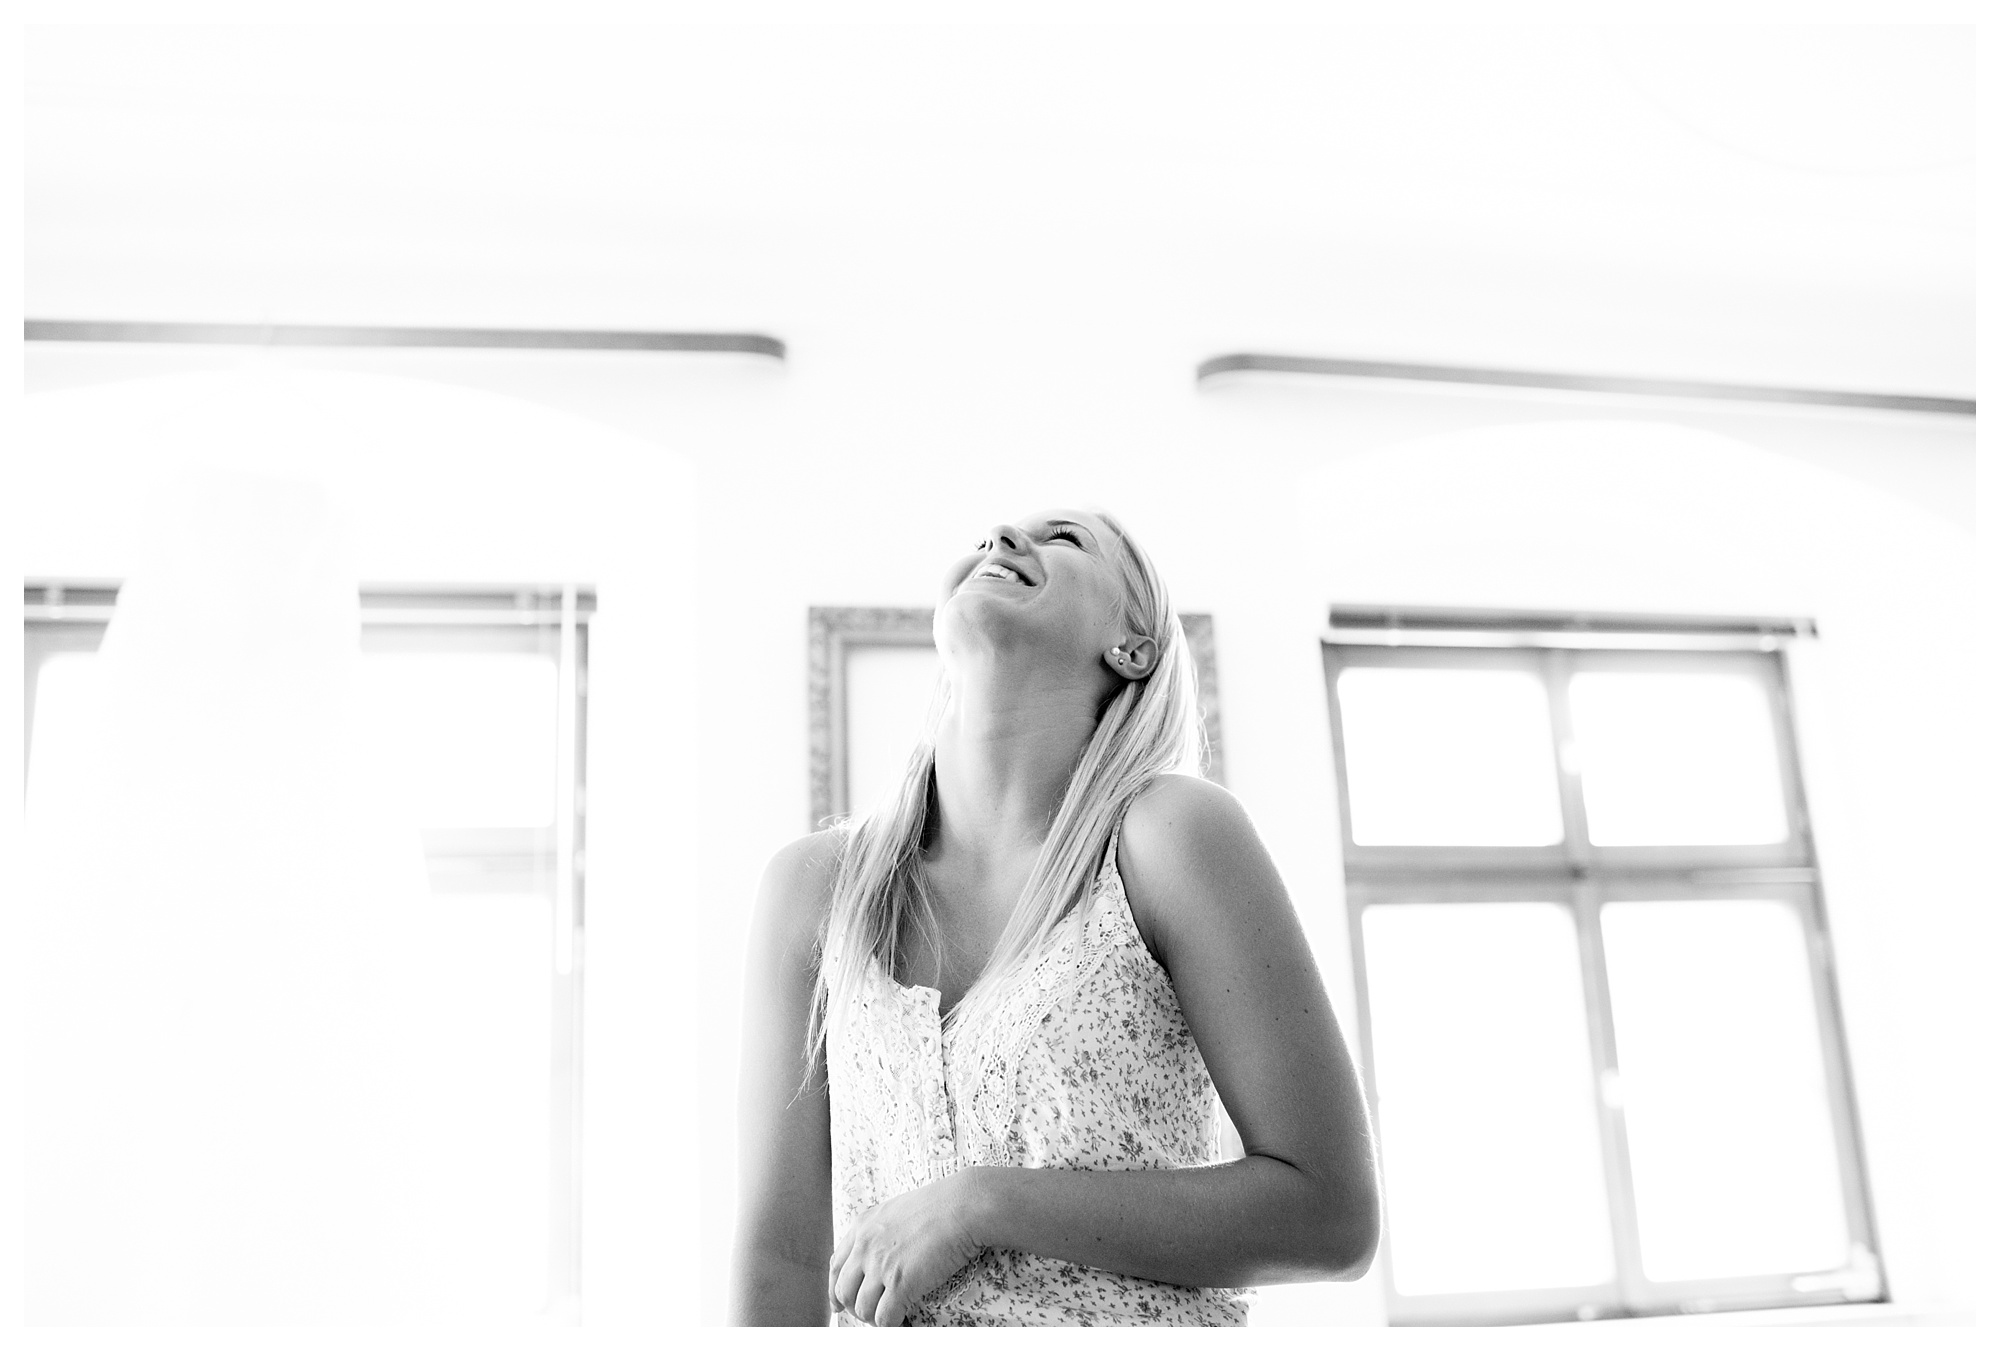 Fotograf Konstanz - Hochzeit Tanja Elmar Elmar Feuerbacher Photography Konstanz Messkirch Highlights 009 - Hochzeitsreportage von Tanja und Elmar im Schloss Meßkirch  - 113 -